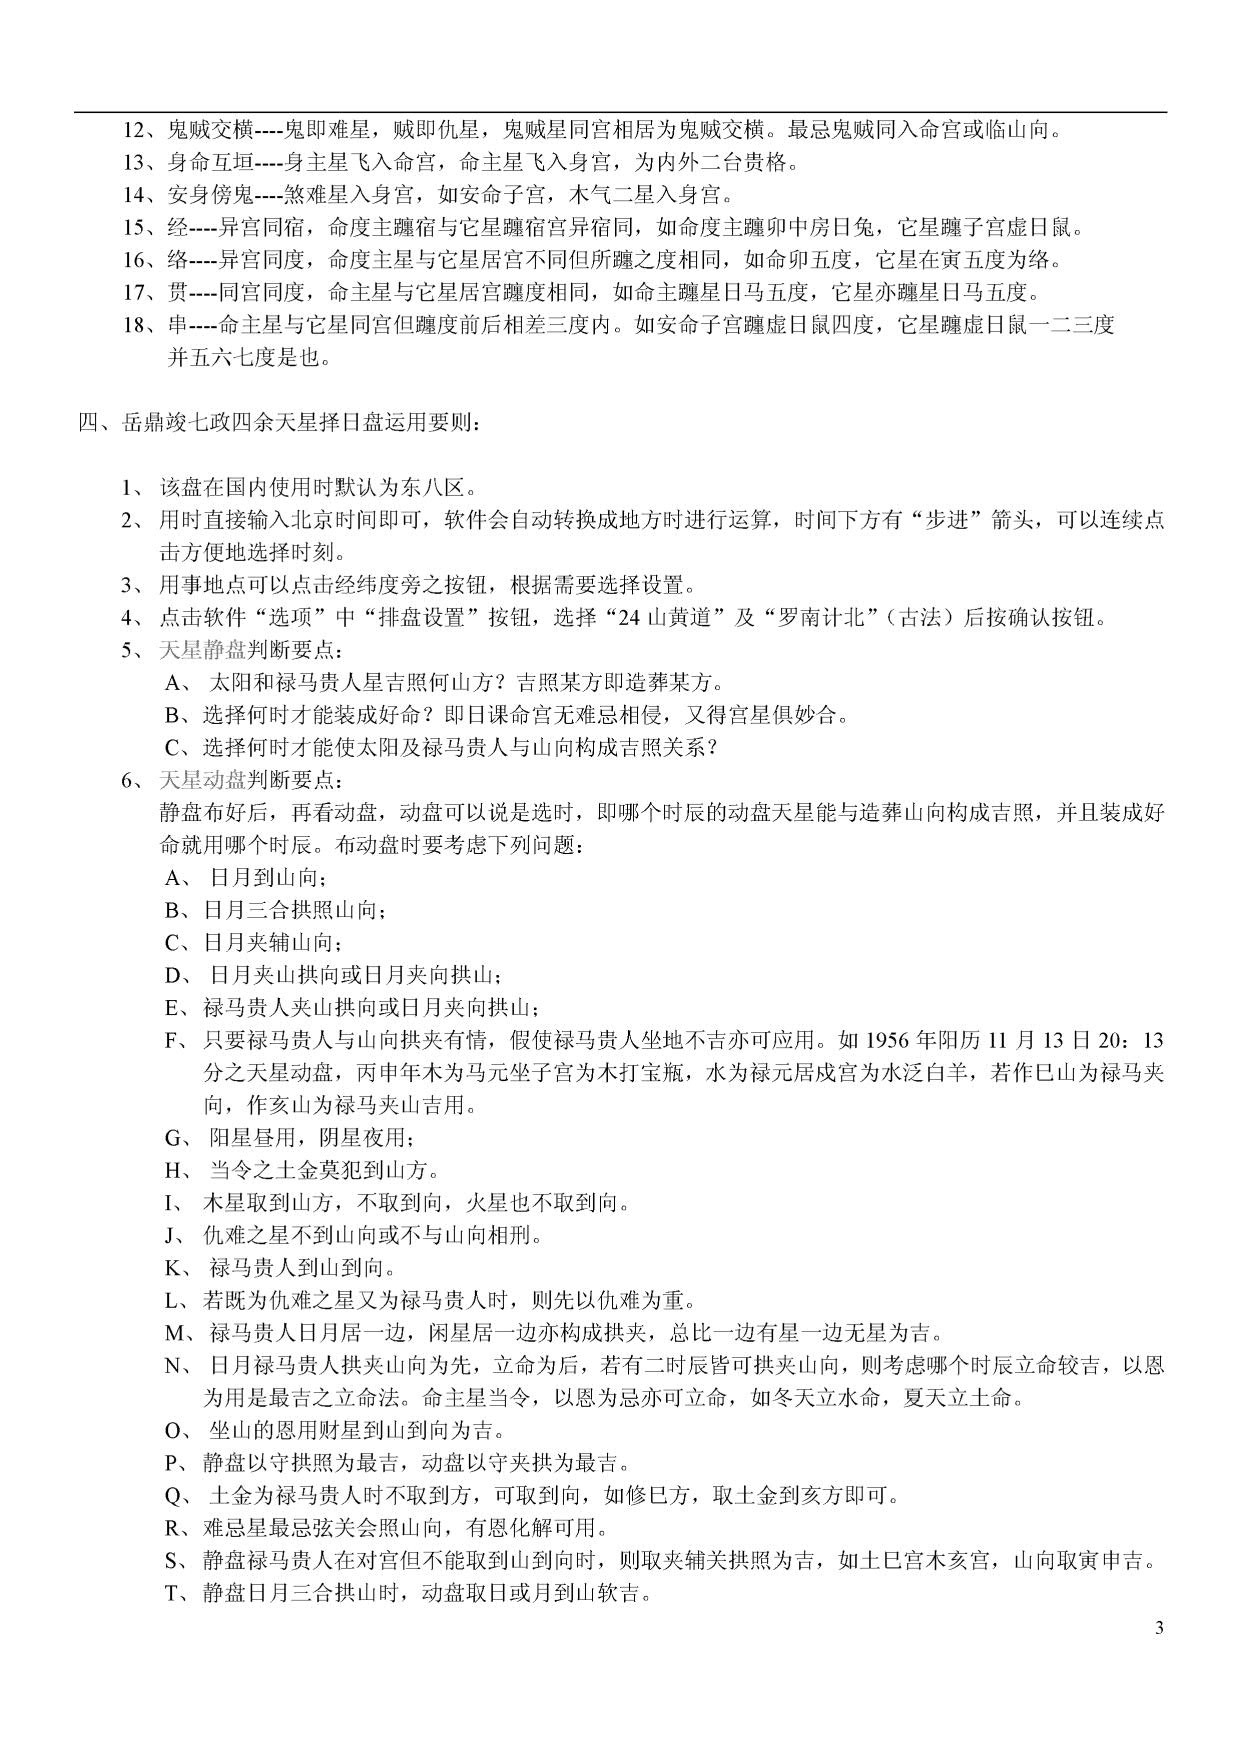 岳鼎竣七政四余天星择日高级班授课讲义_3